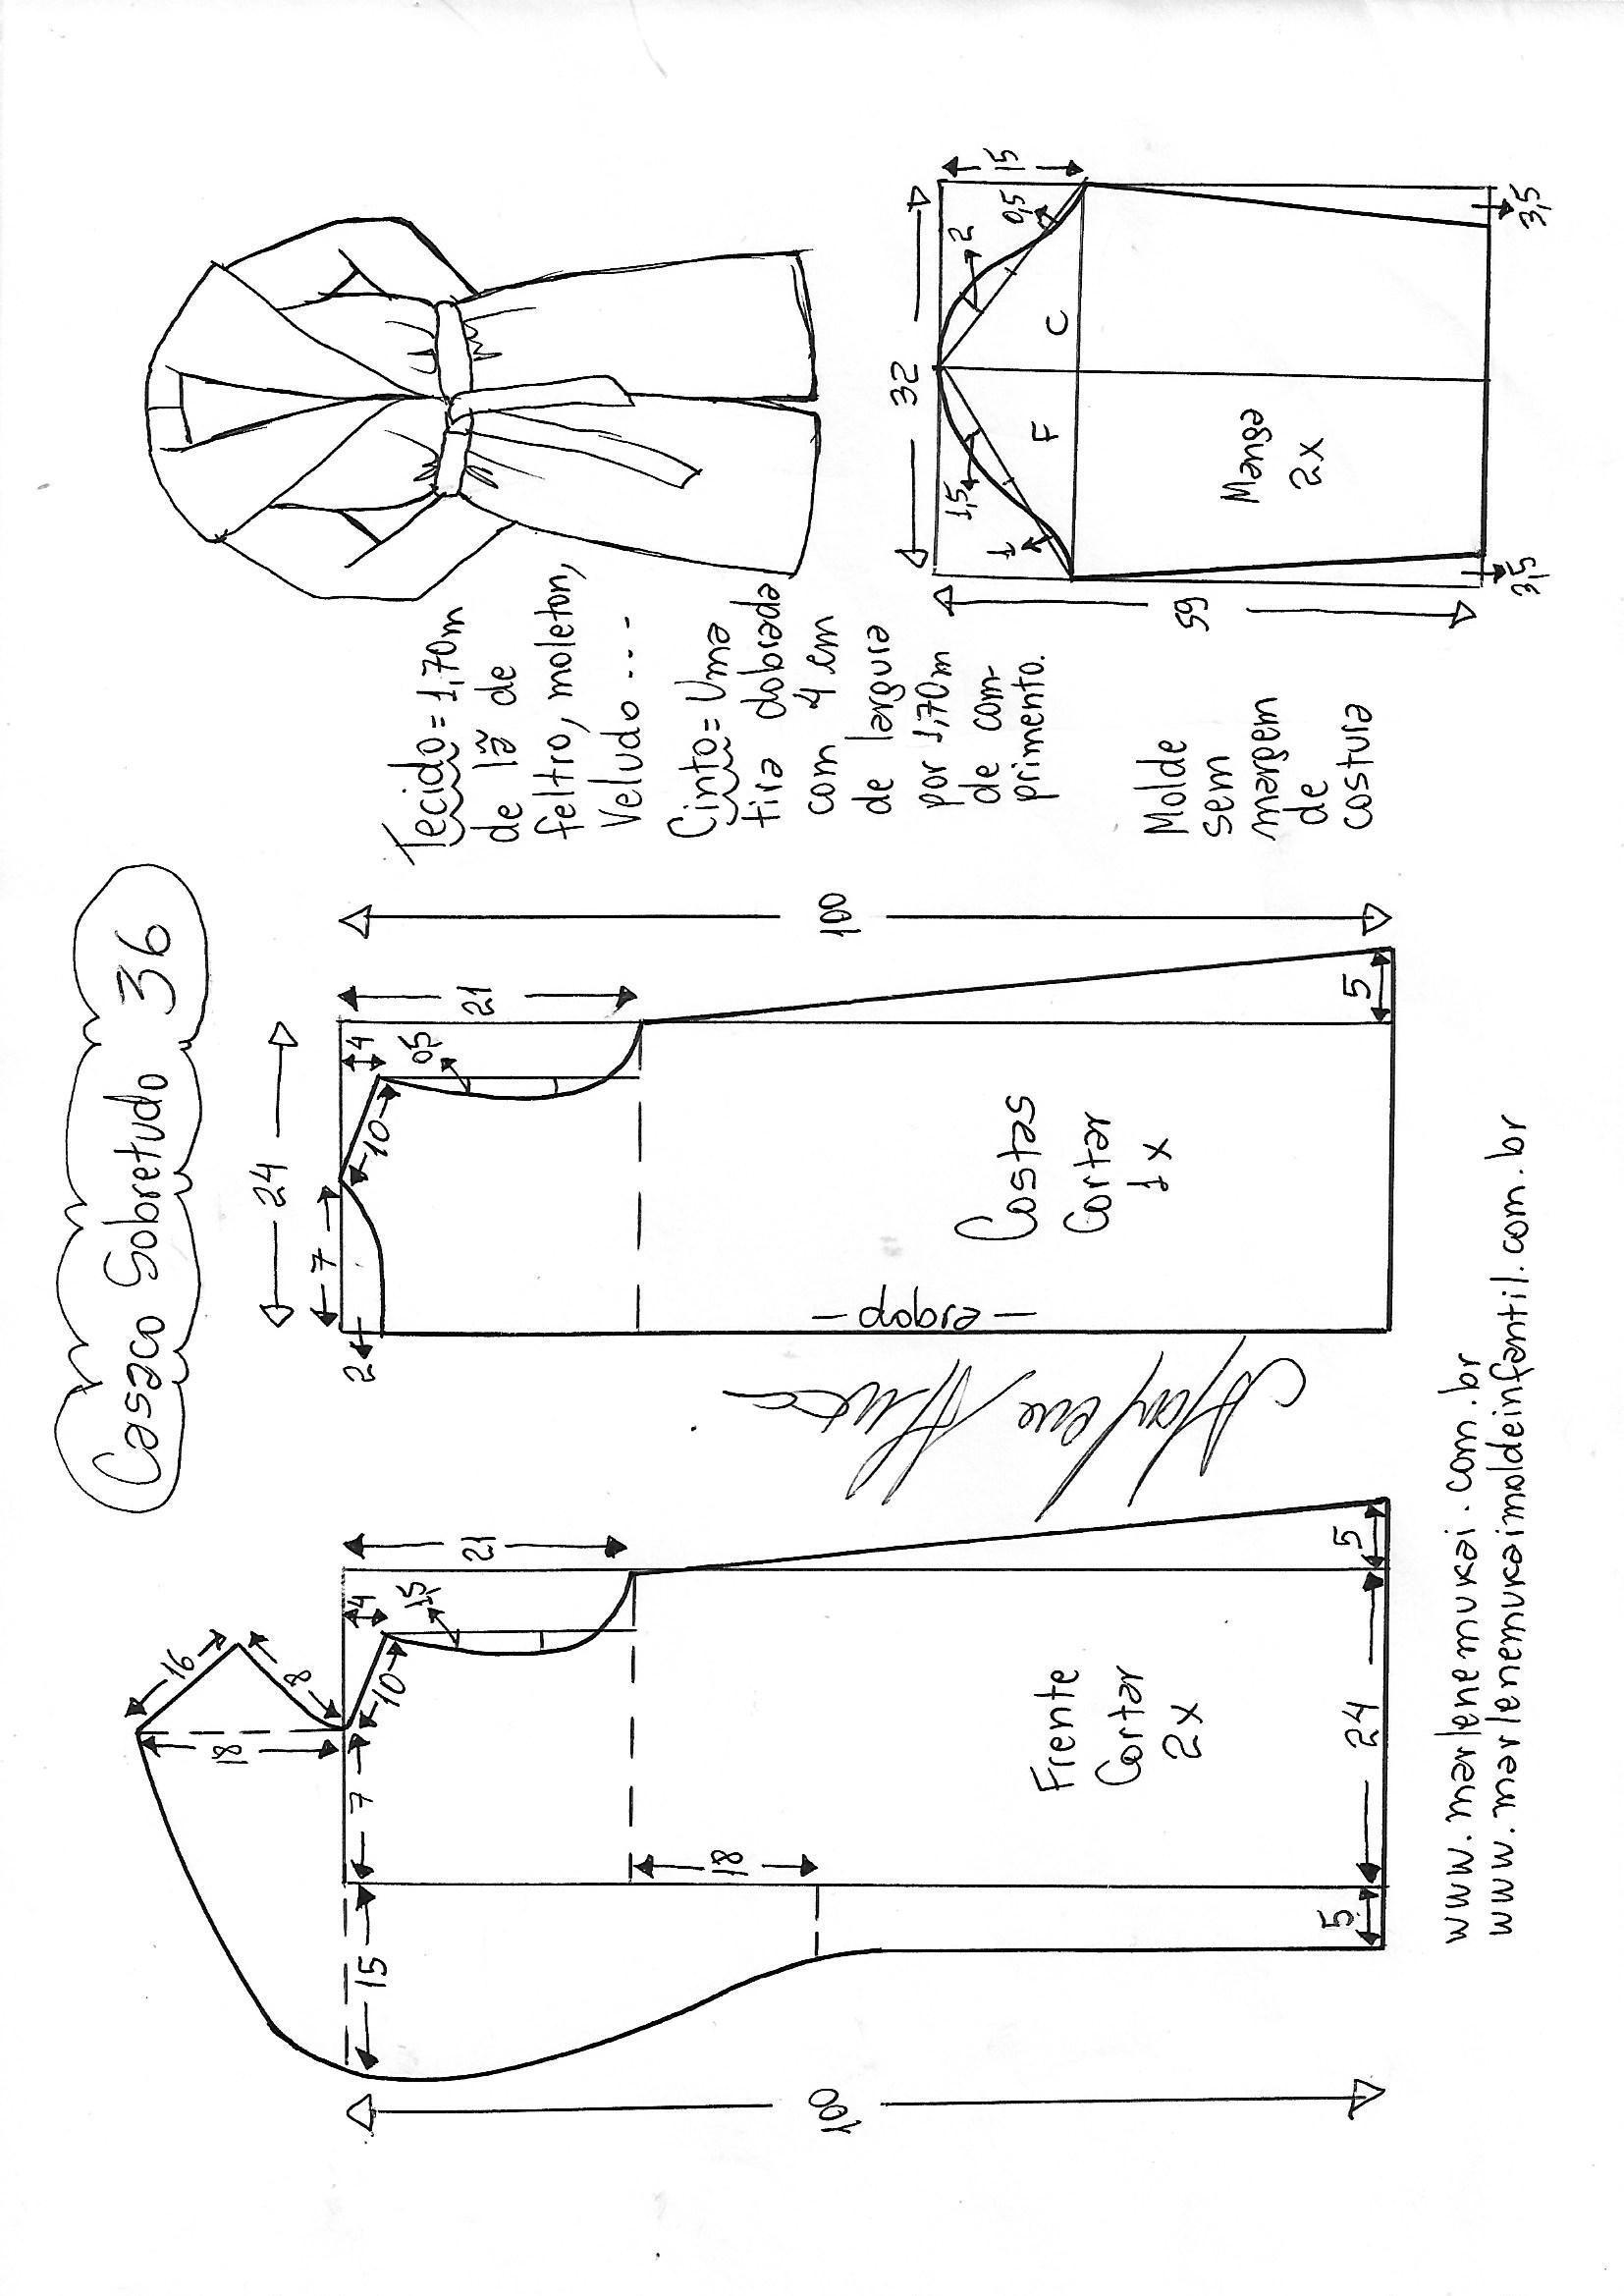 Pin de Ana María Vargas Torres en Costura.y patrones 2 | Pinterest ...